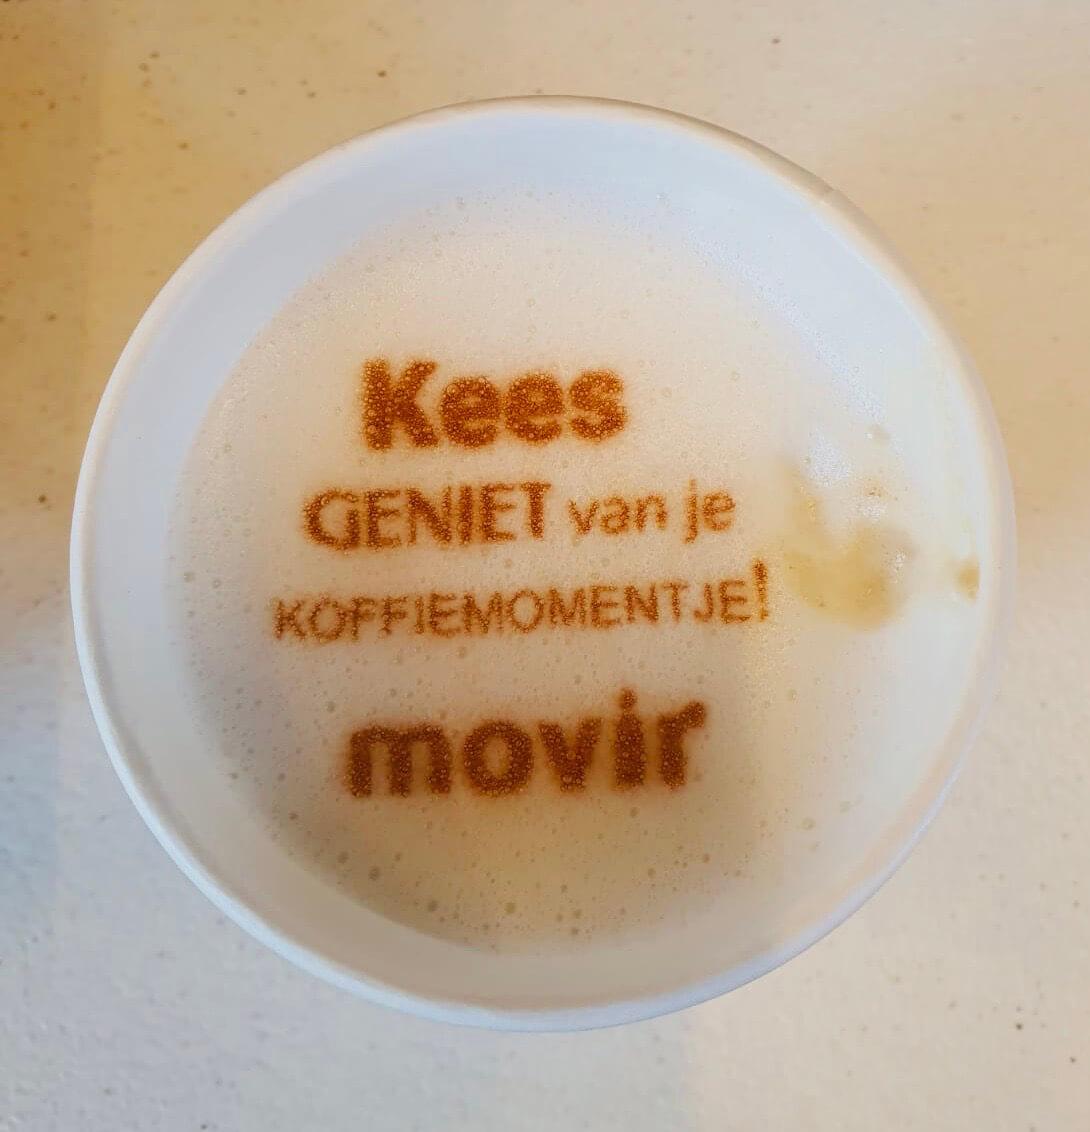 Tekst op koffie